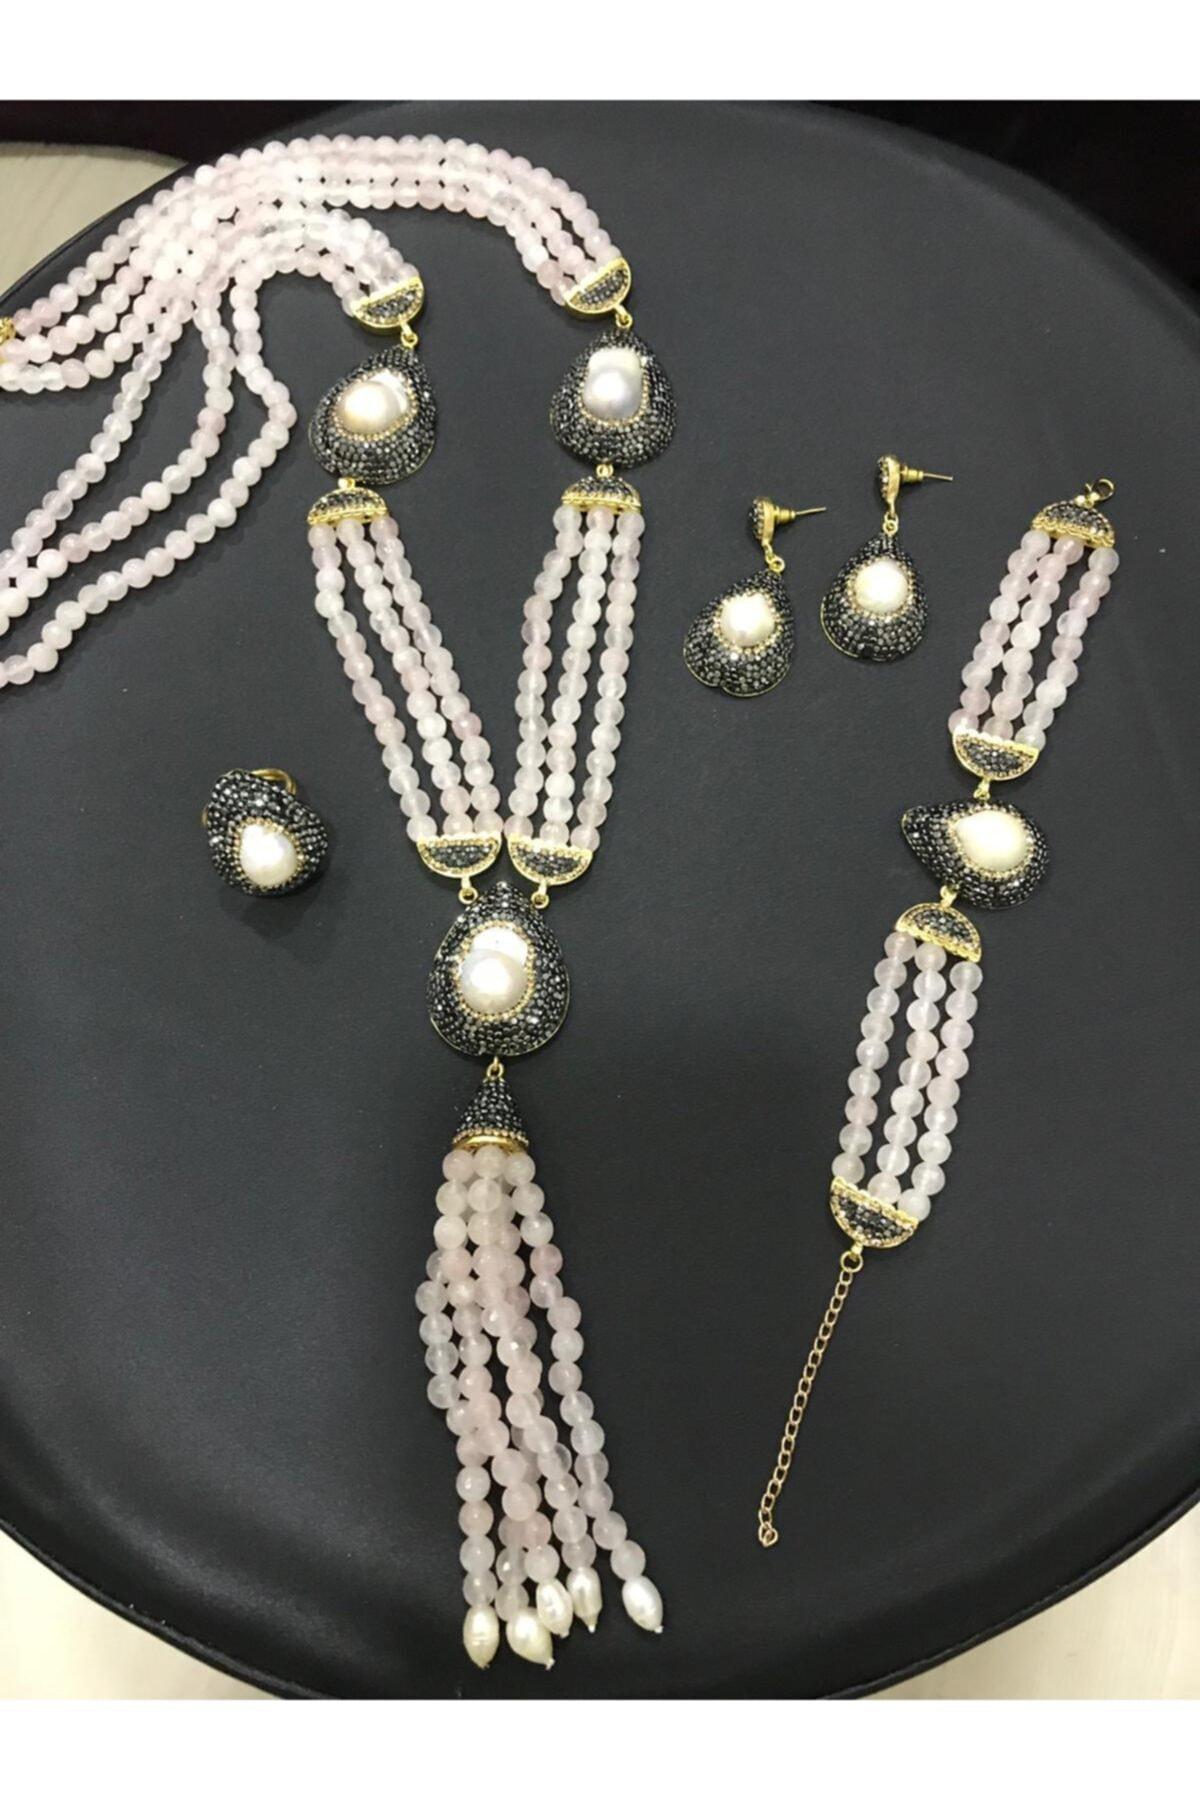 مجوهرات الأزياء النسائية Marcasite Doğaş مجموعات مجوهرات اللؤلؤ قلادة سوار أقراط وخاتم